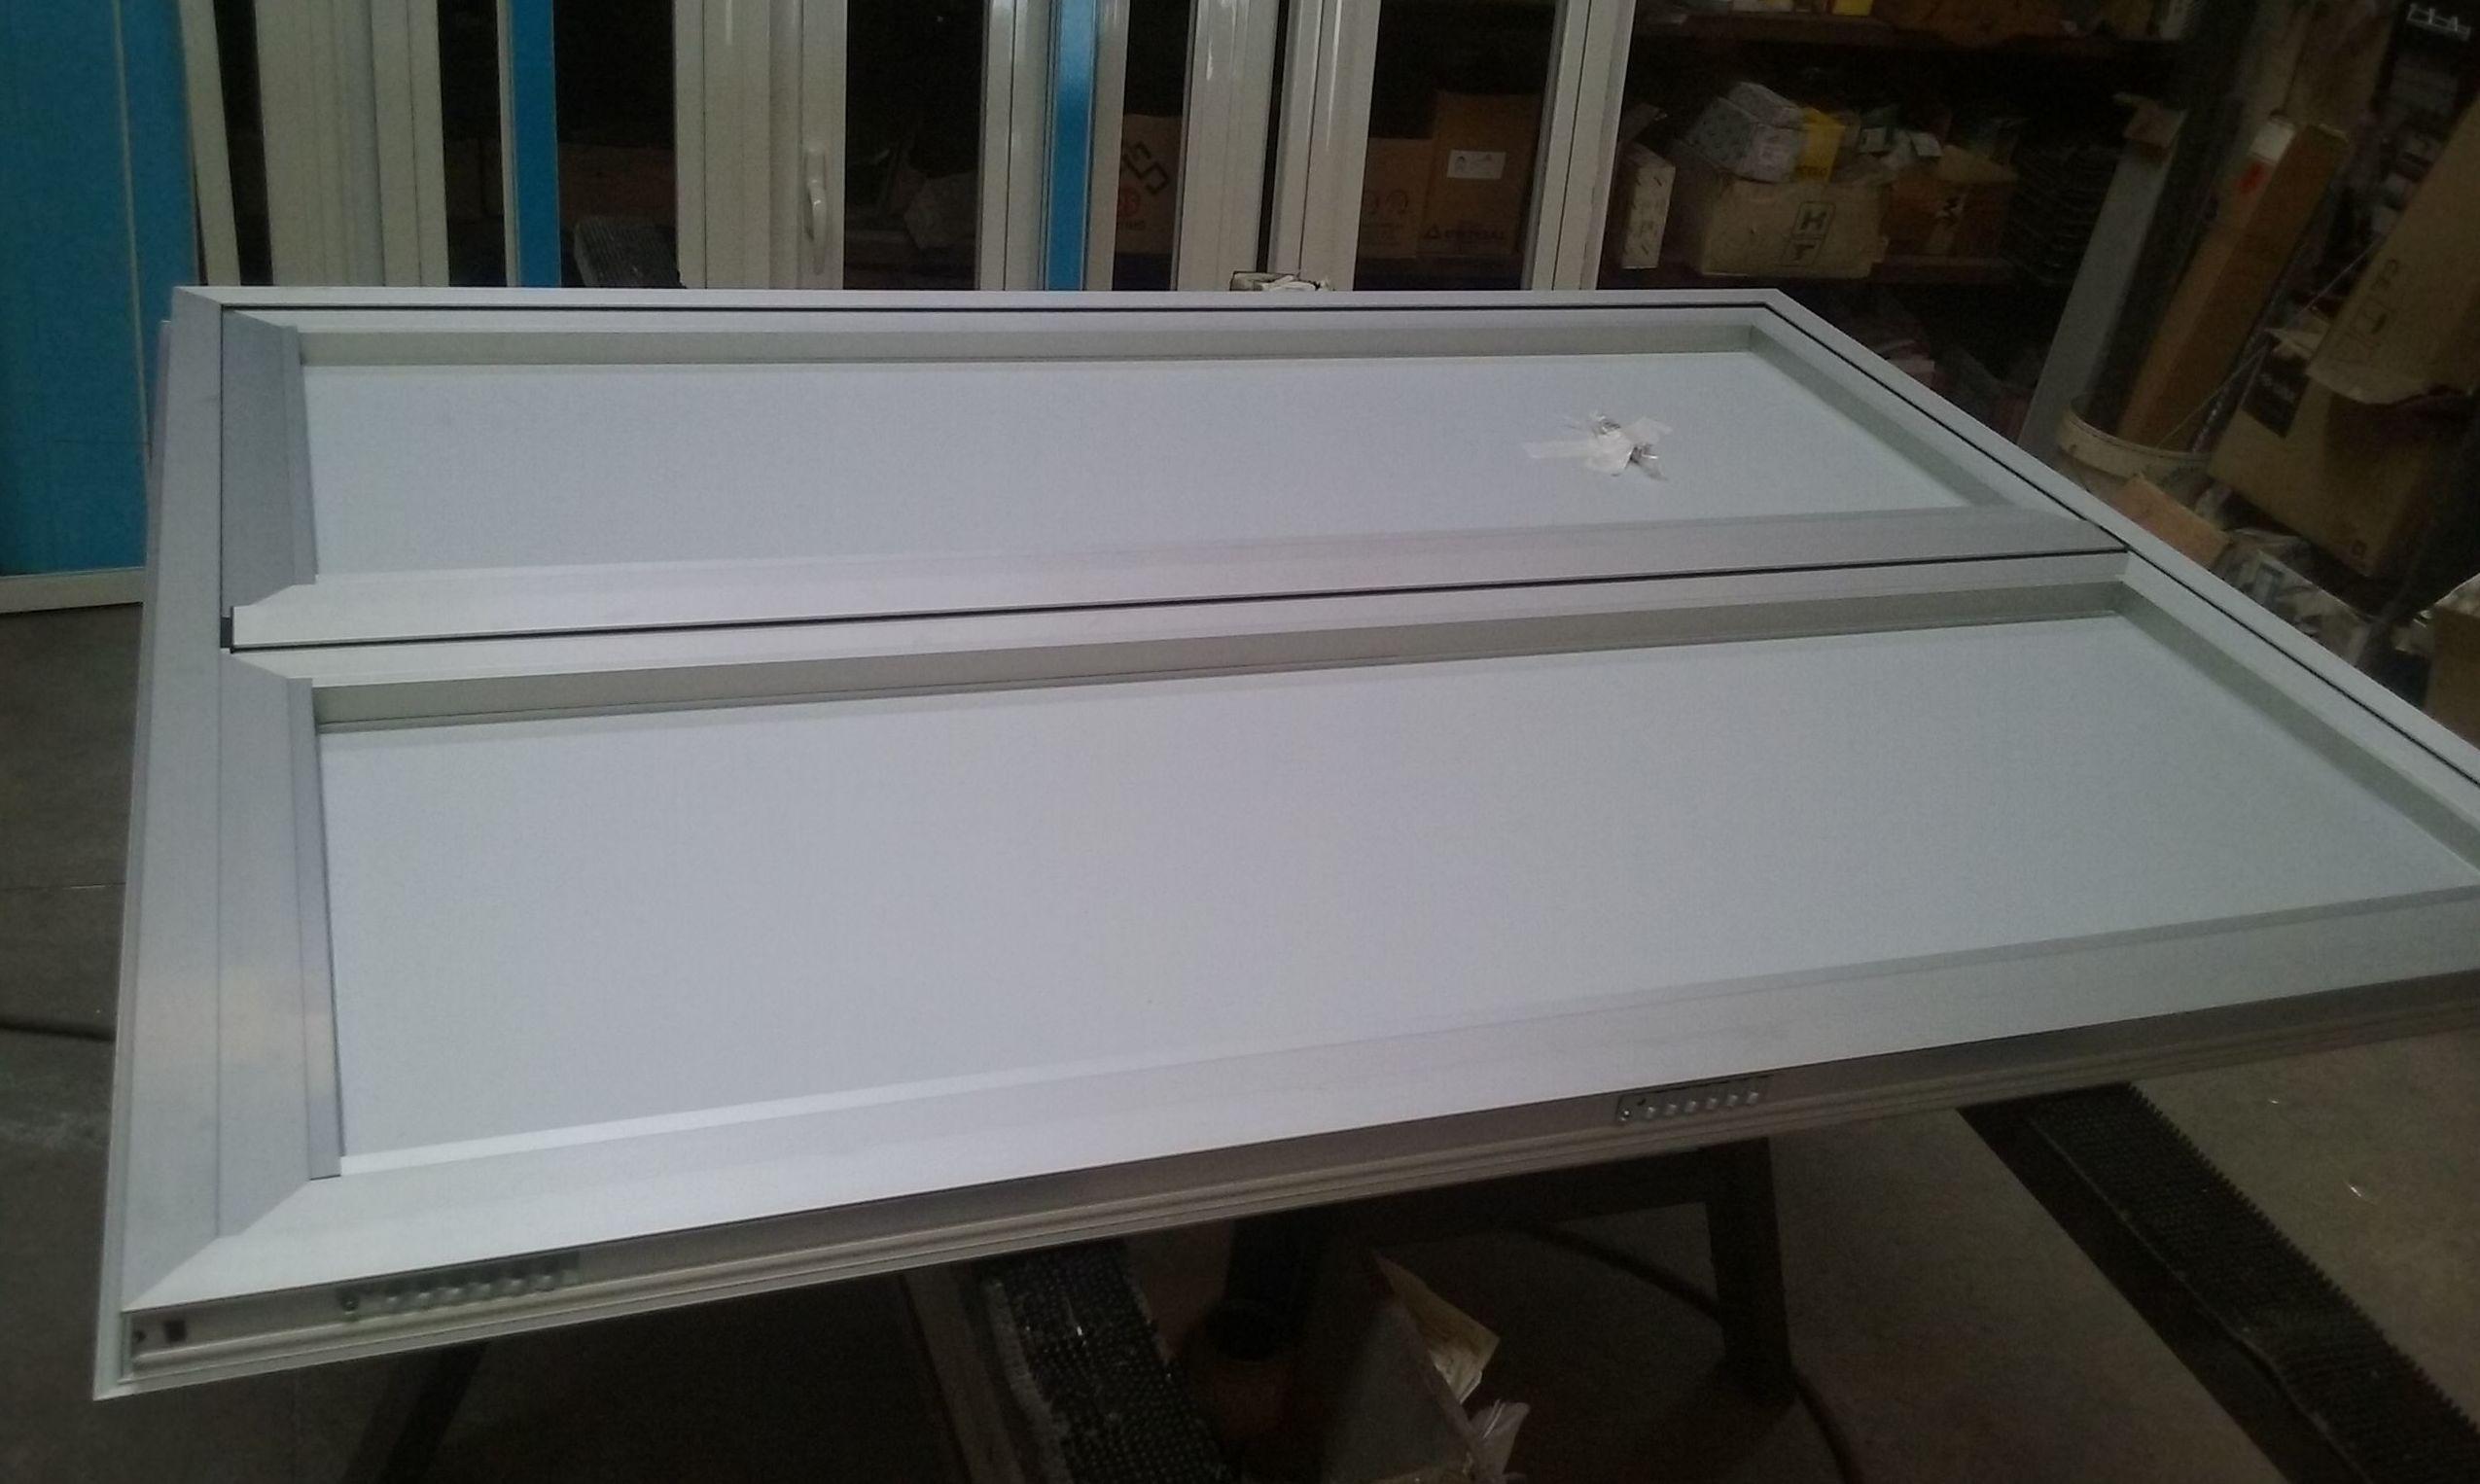 Foto 83 de Carpintería de aluminio, metálica y PVC en  | Exposición, Carpintería de aluminio- toldos-cerrajeria - reformas del hogar.